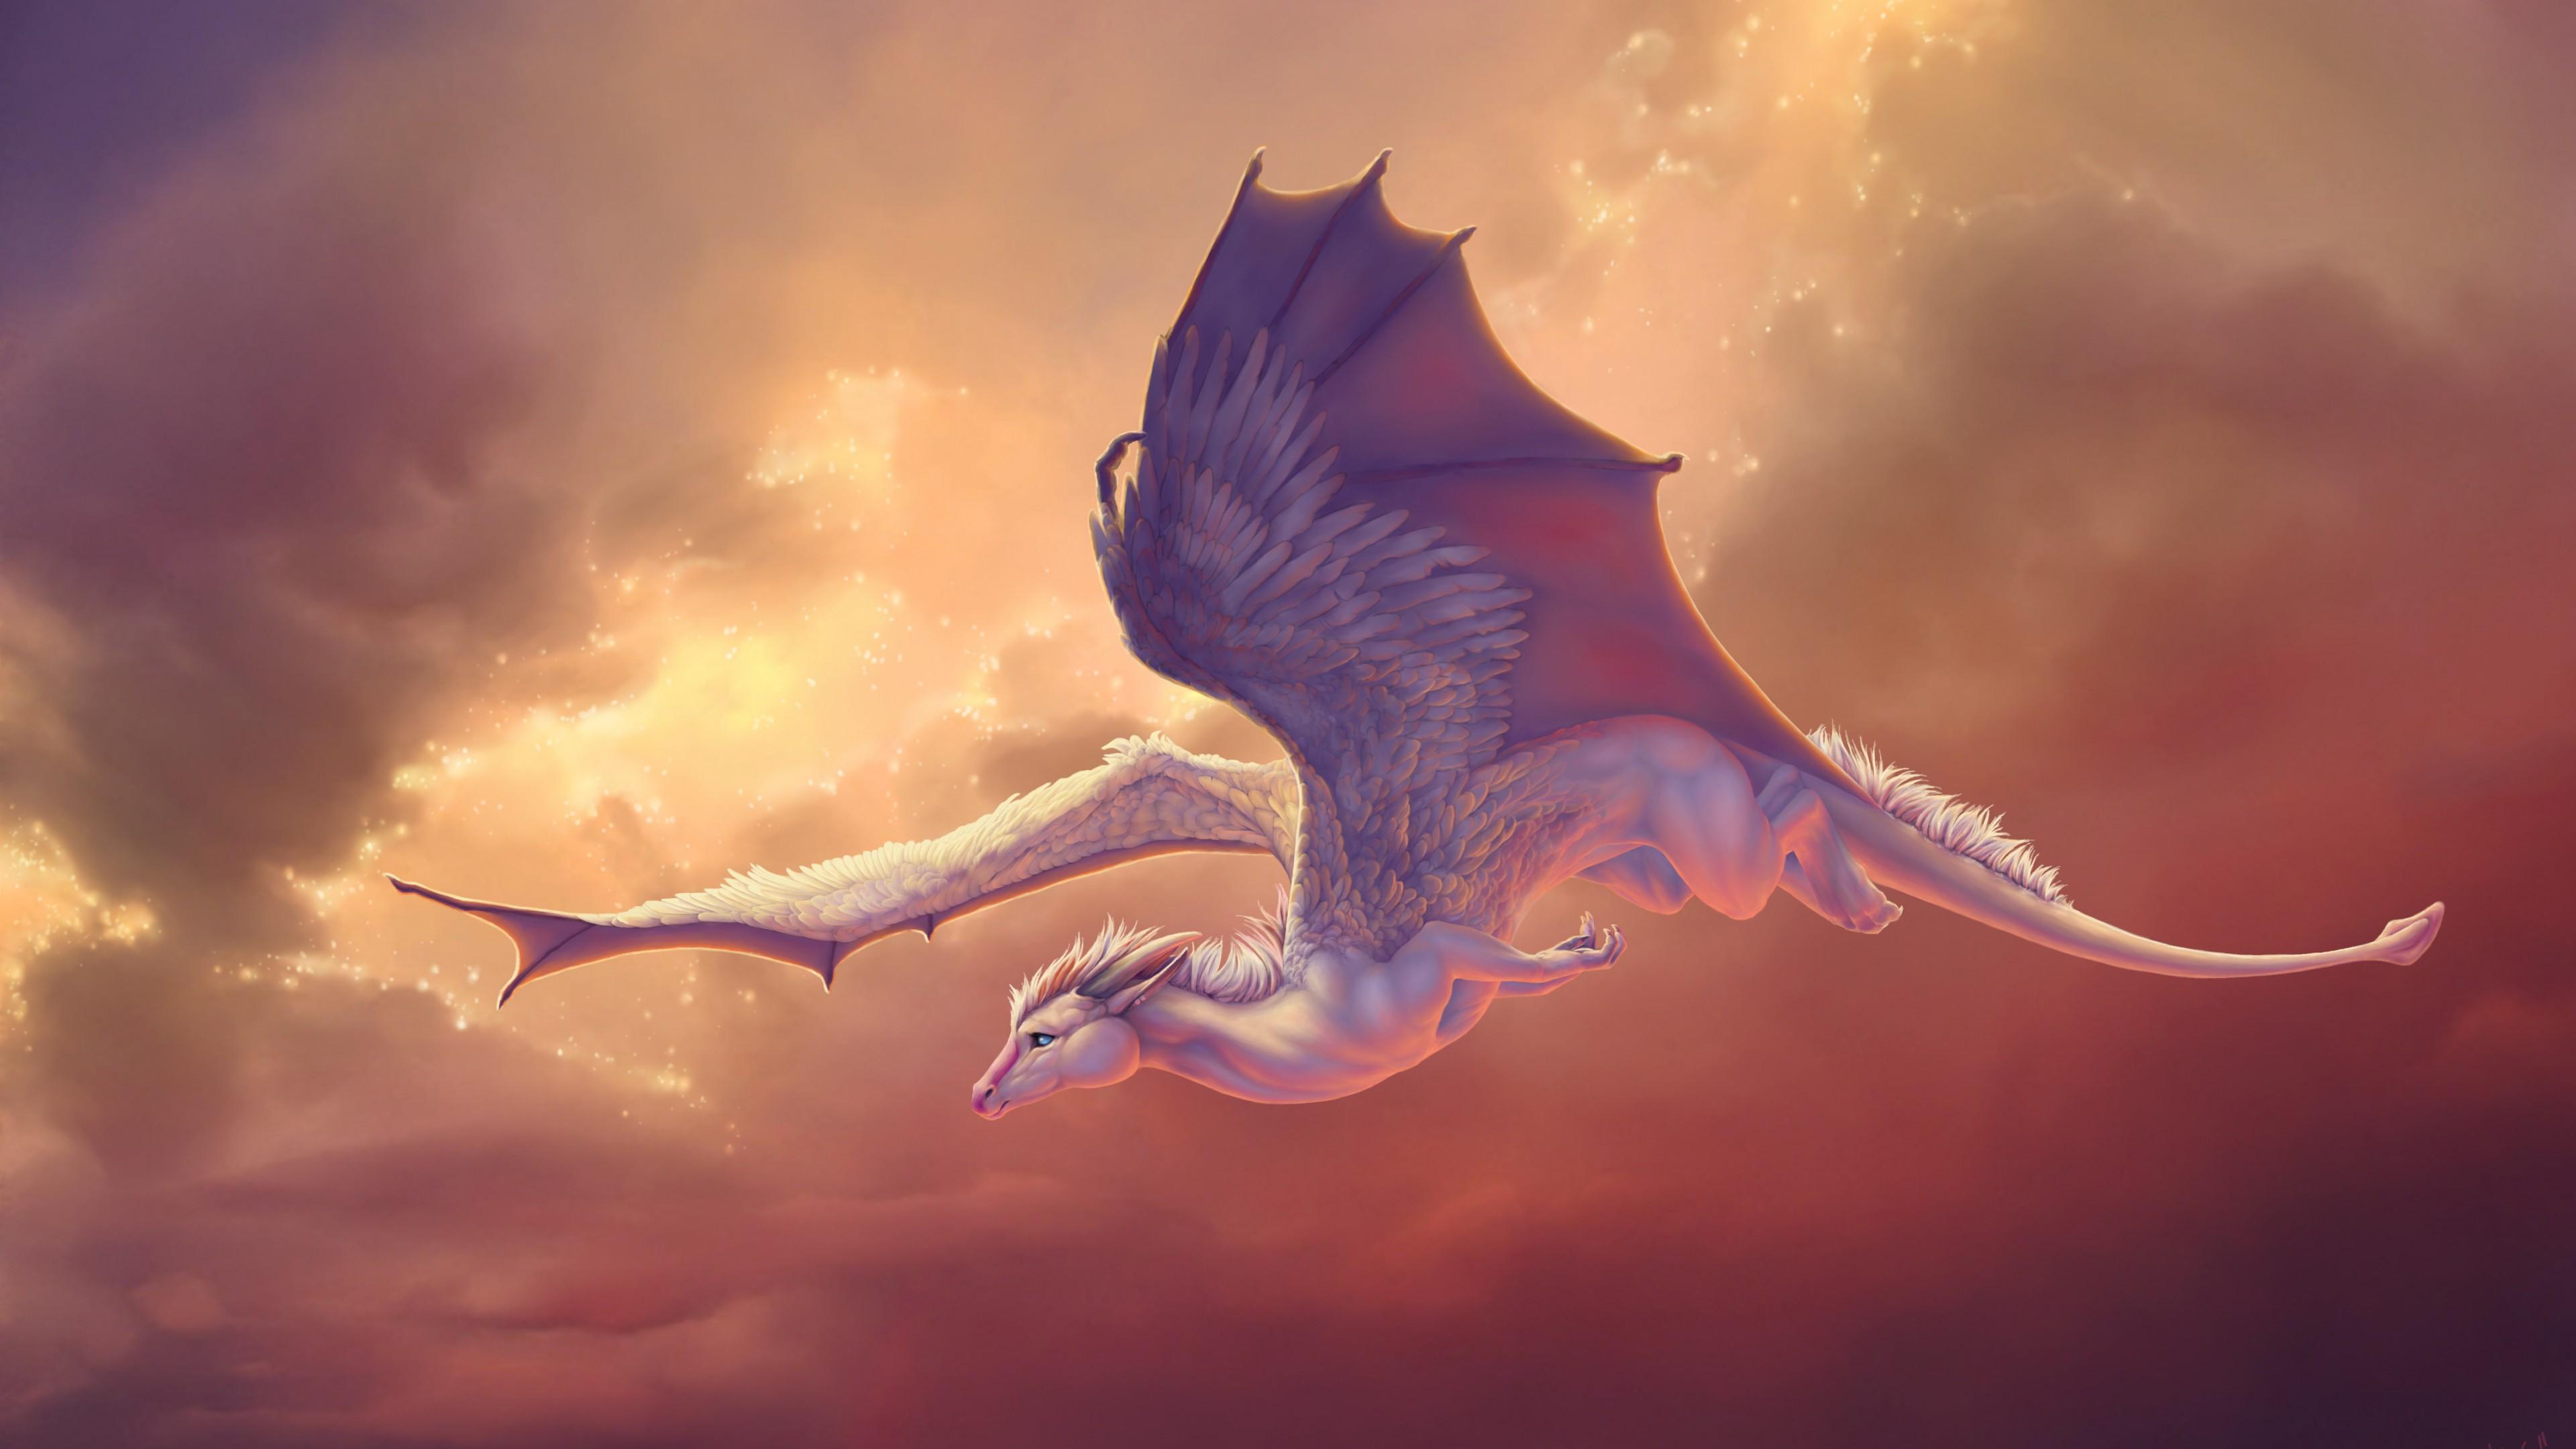 dragon 3840x2160 4k hd wallpaper wings sky pegasus creation clouds art 734